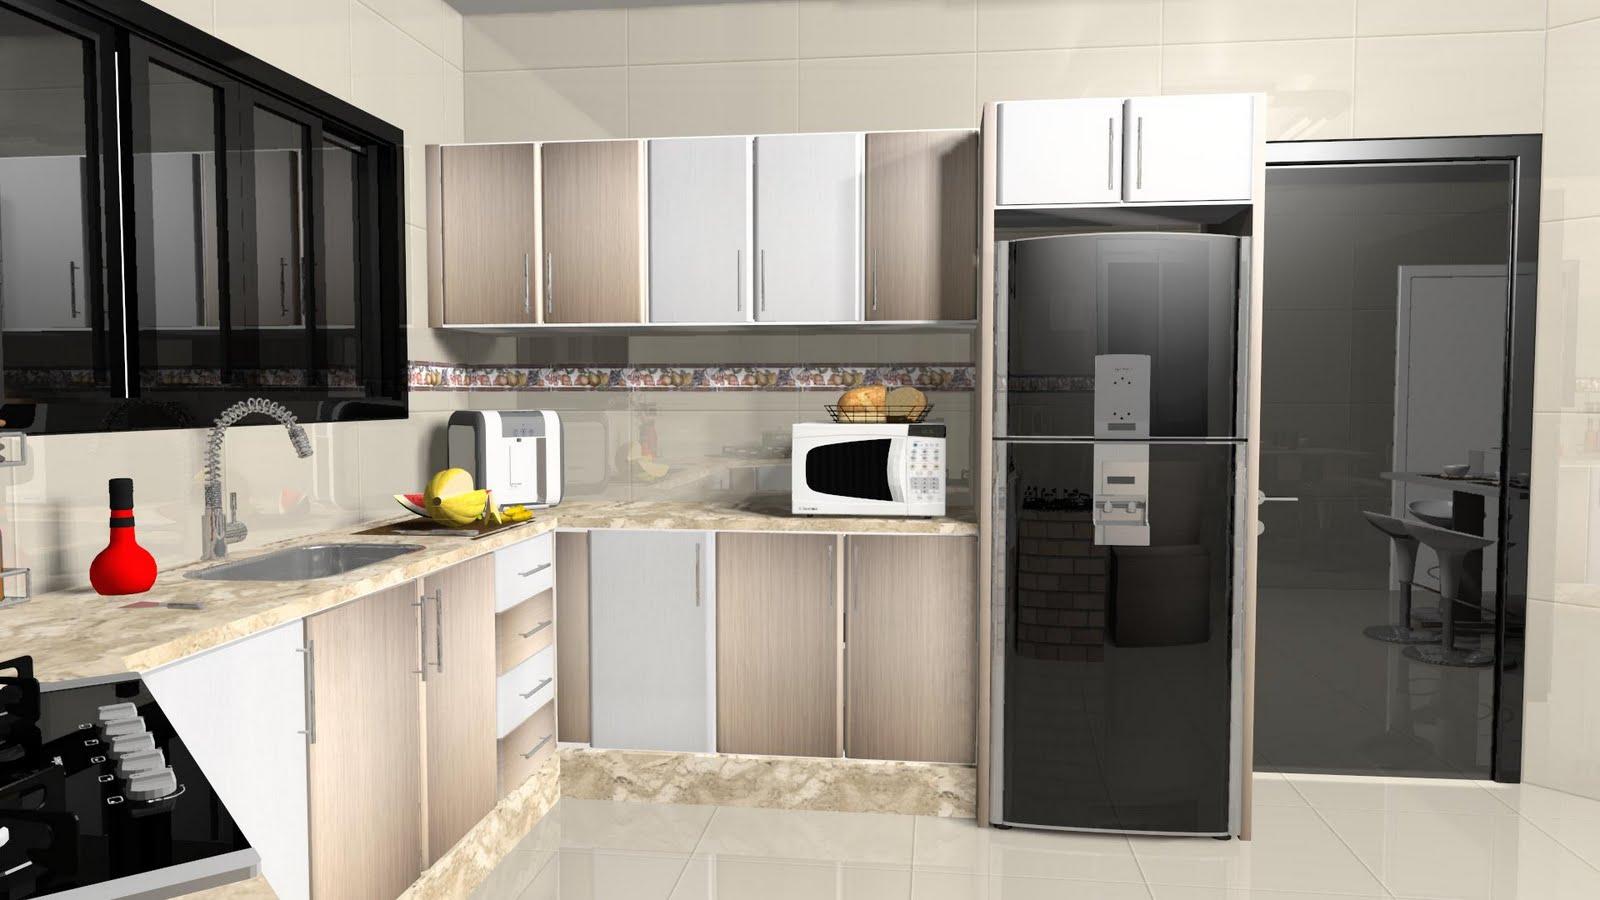 Espaço Nobre Design: Cozinha (Vanilla Montego Blanc) #C60606 1600 900